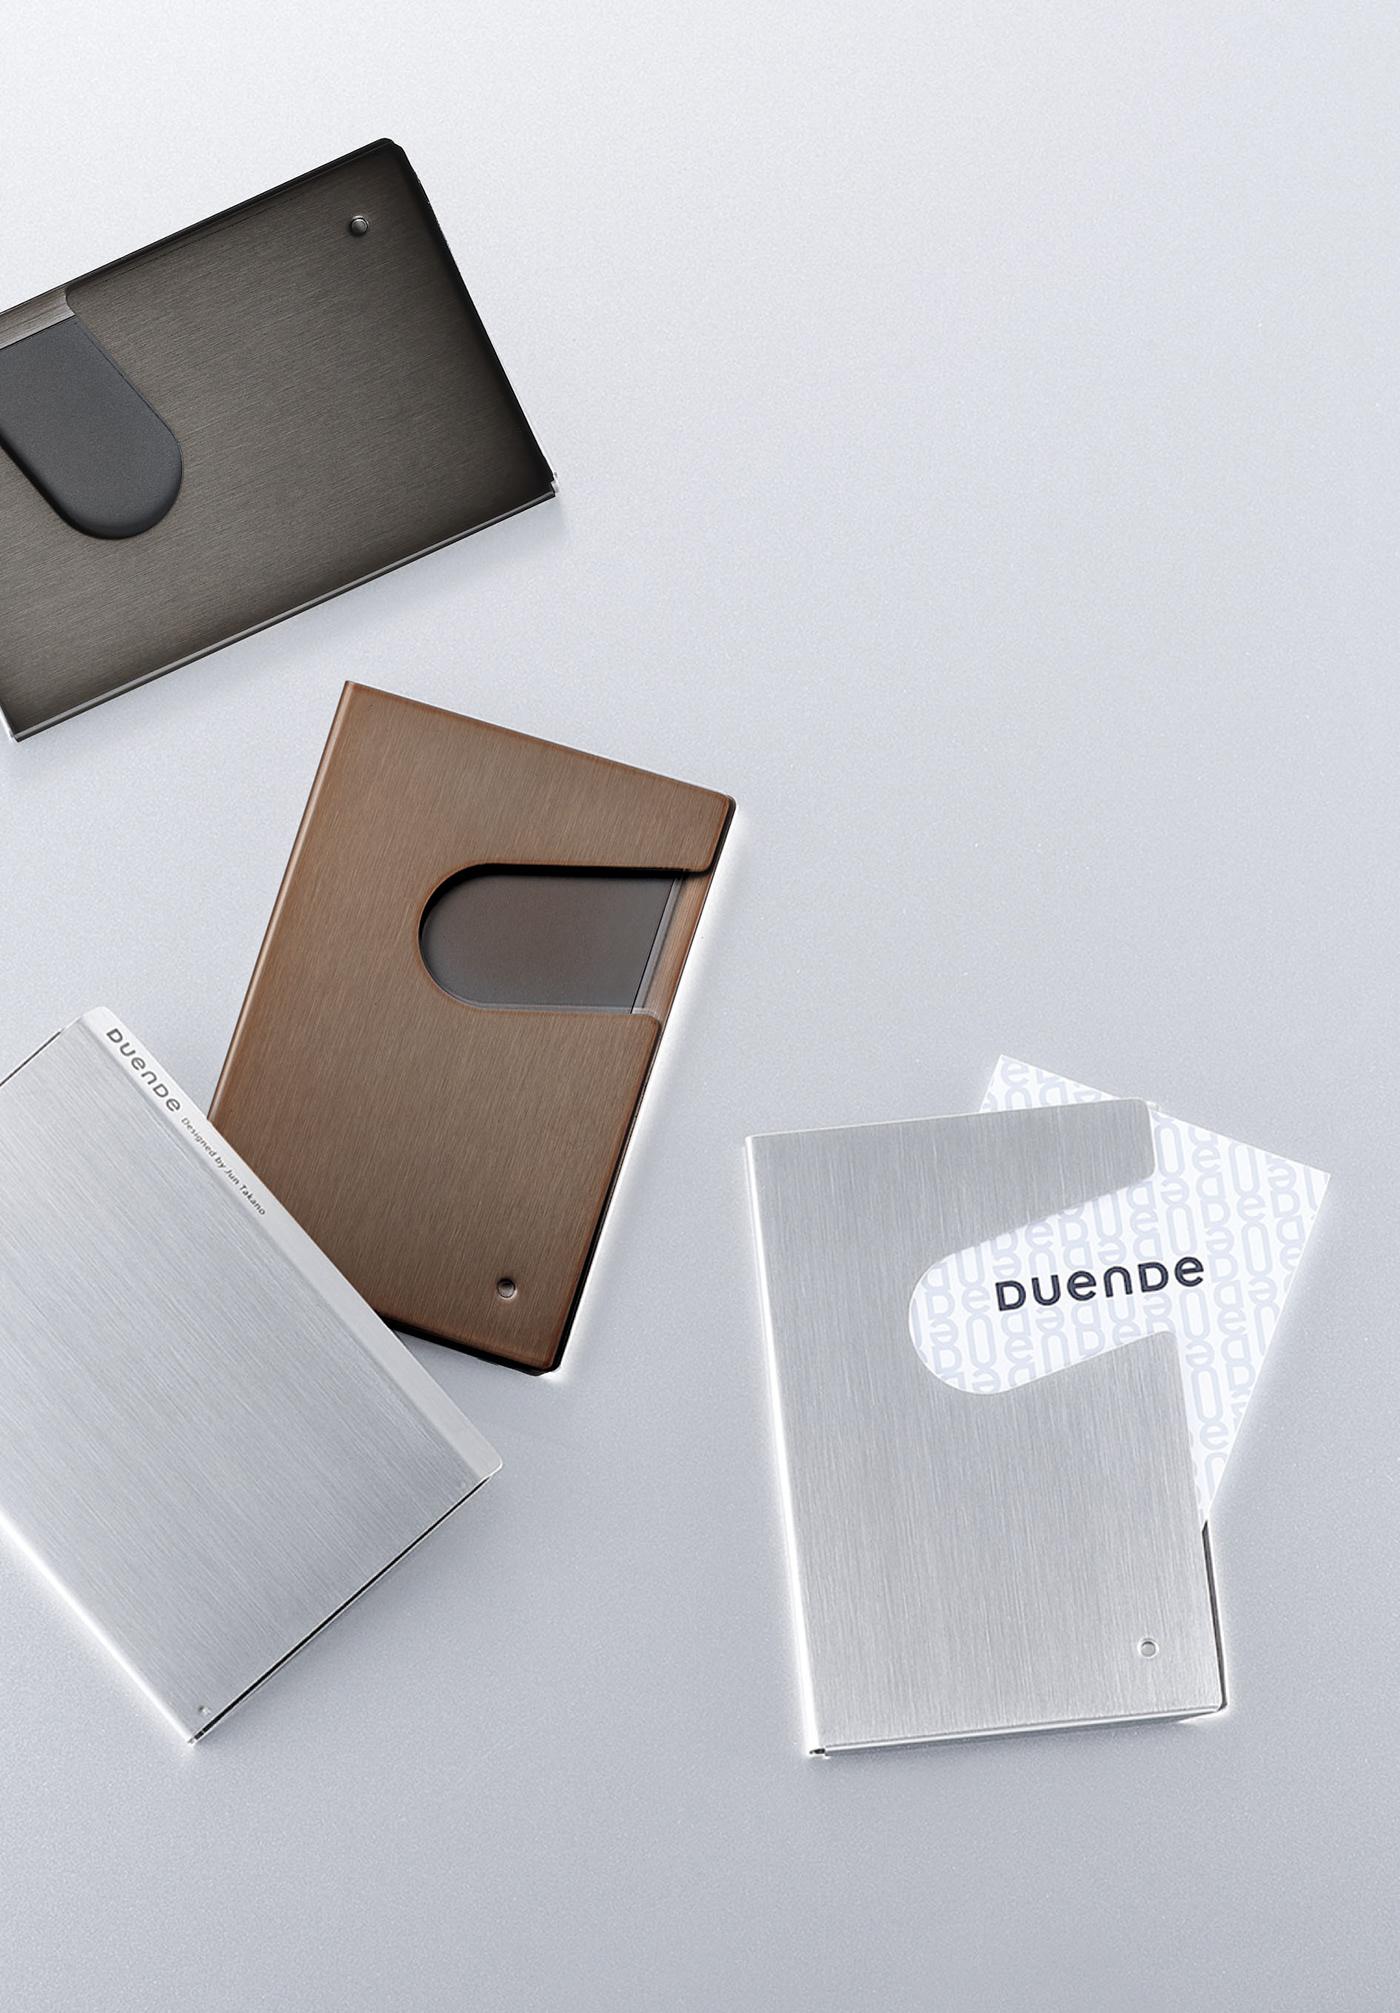 有設計感的16張名片盒推薦欣賞